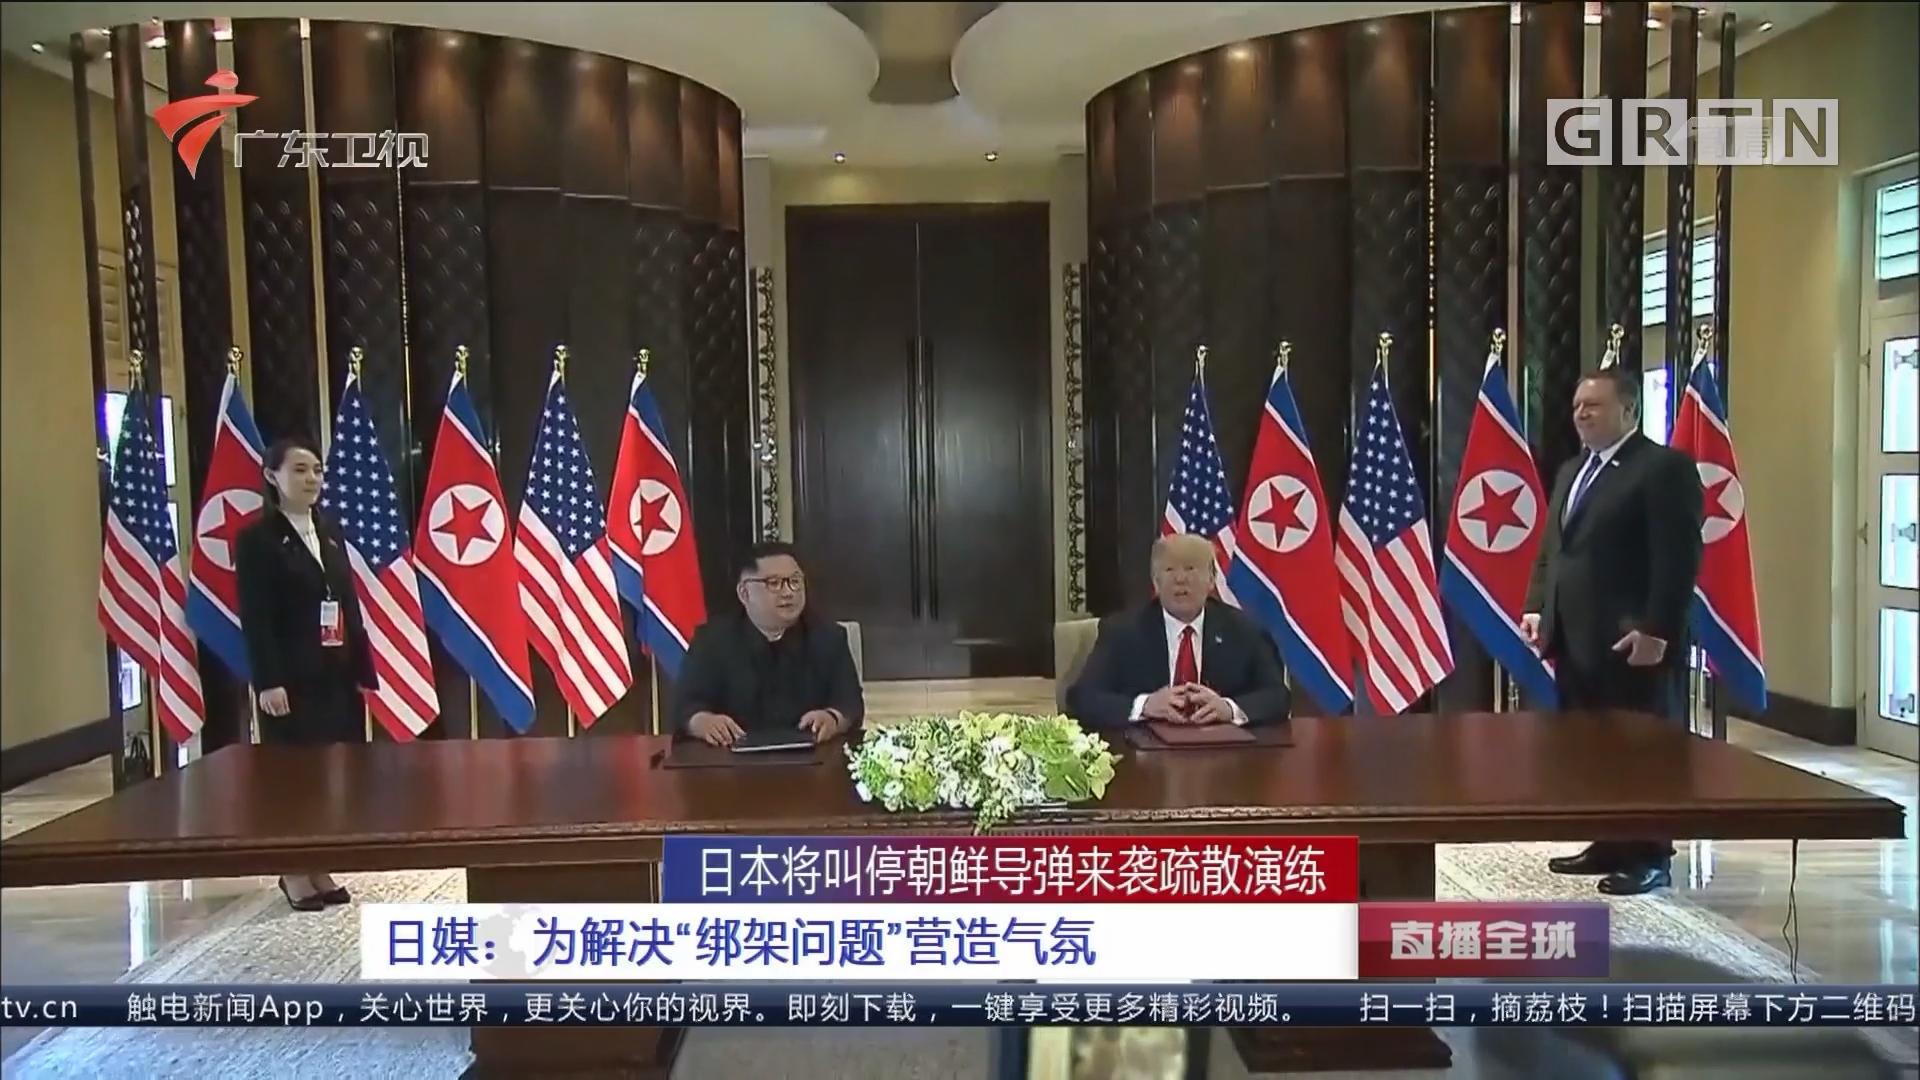 """日本将叫停朝鲜导弹来袭疏散演练 日媒:为解决""""绑架问题""""营造气氛"""